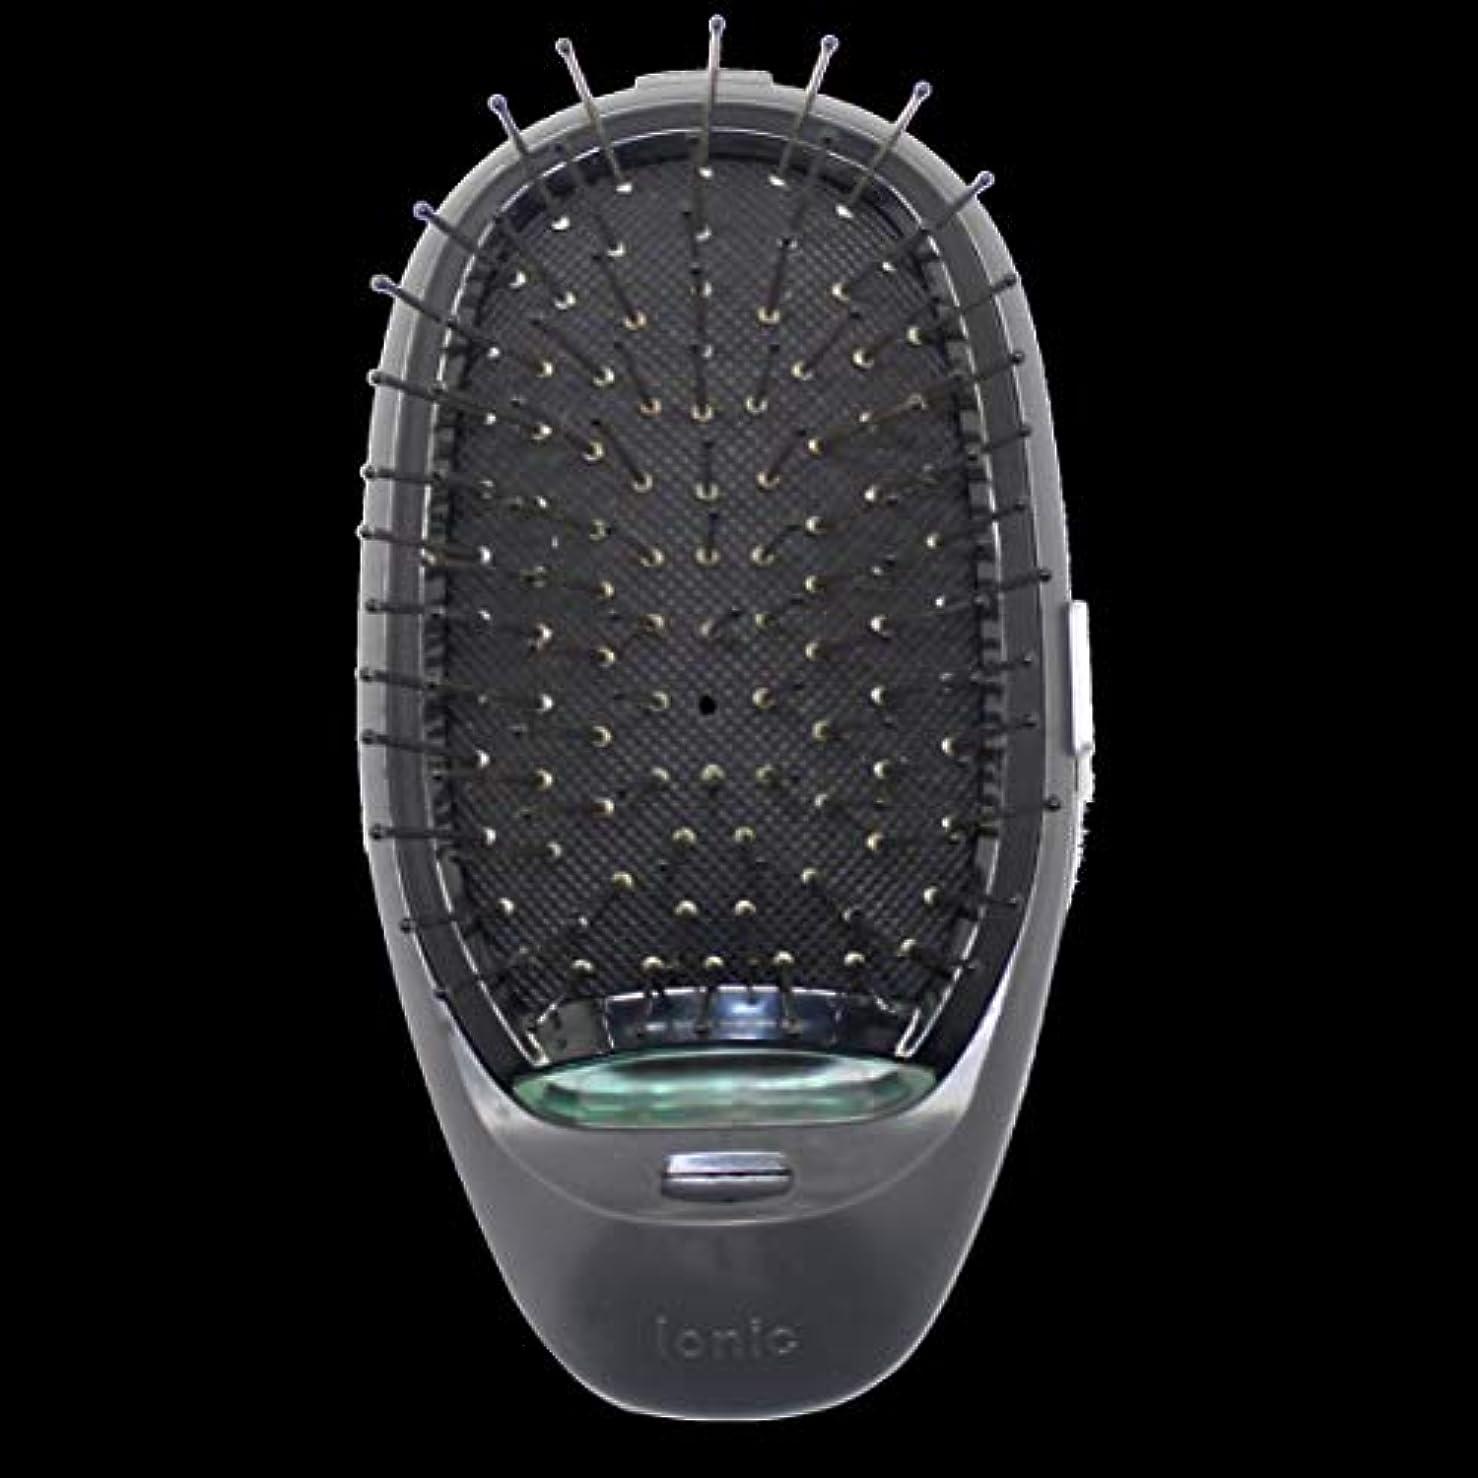 コンピューターモードリンレスリング電動マッサージヘアブラシミニマイナスイオンヘアコム3Dインフレータブルコーム帯電防止ガールズヘアブラシ電池式 - ブラック